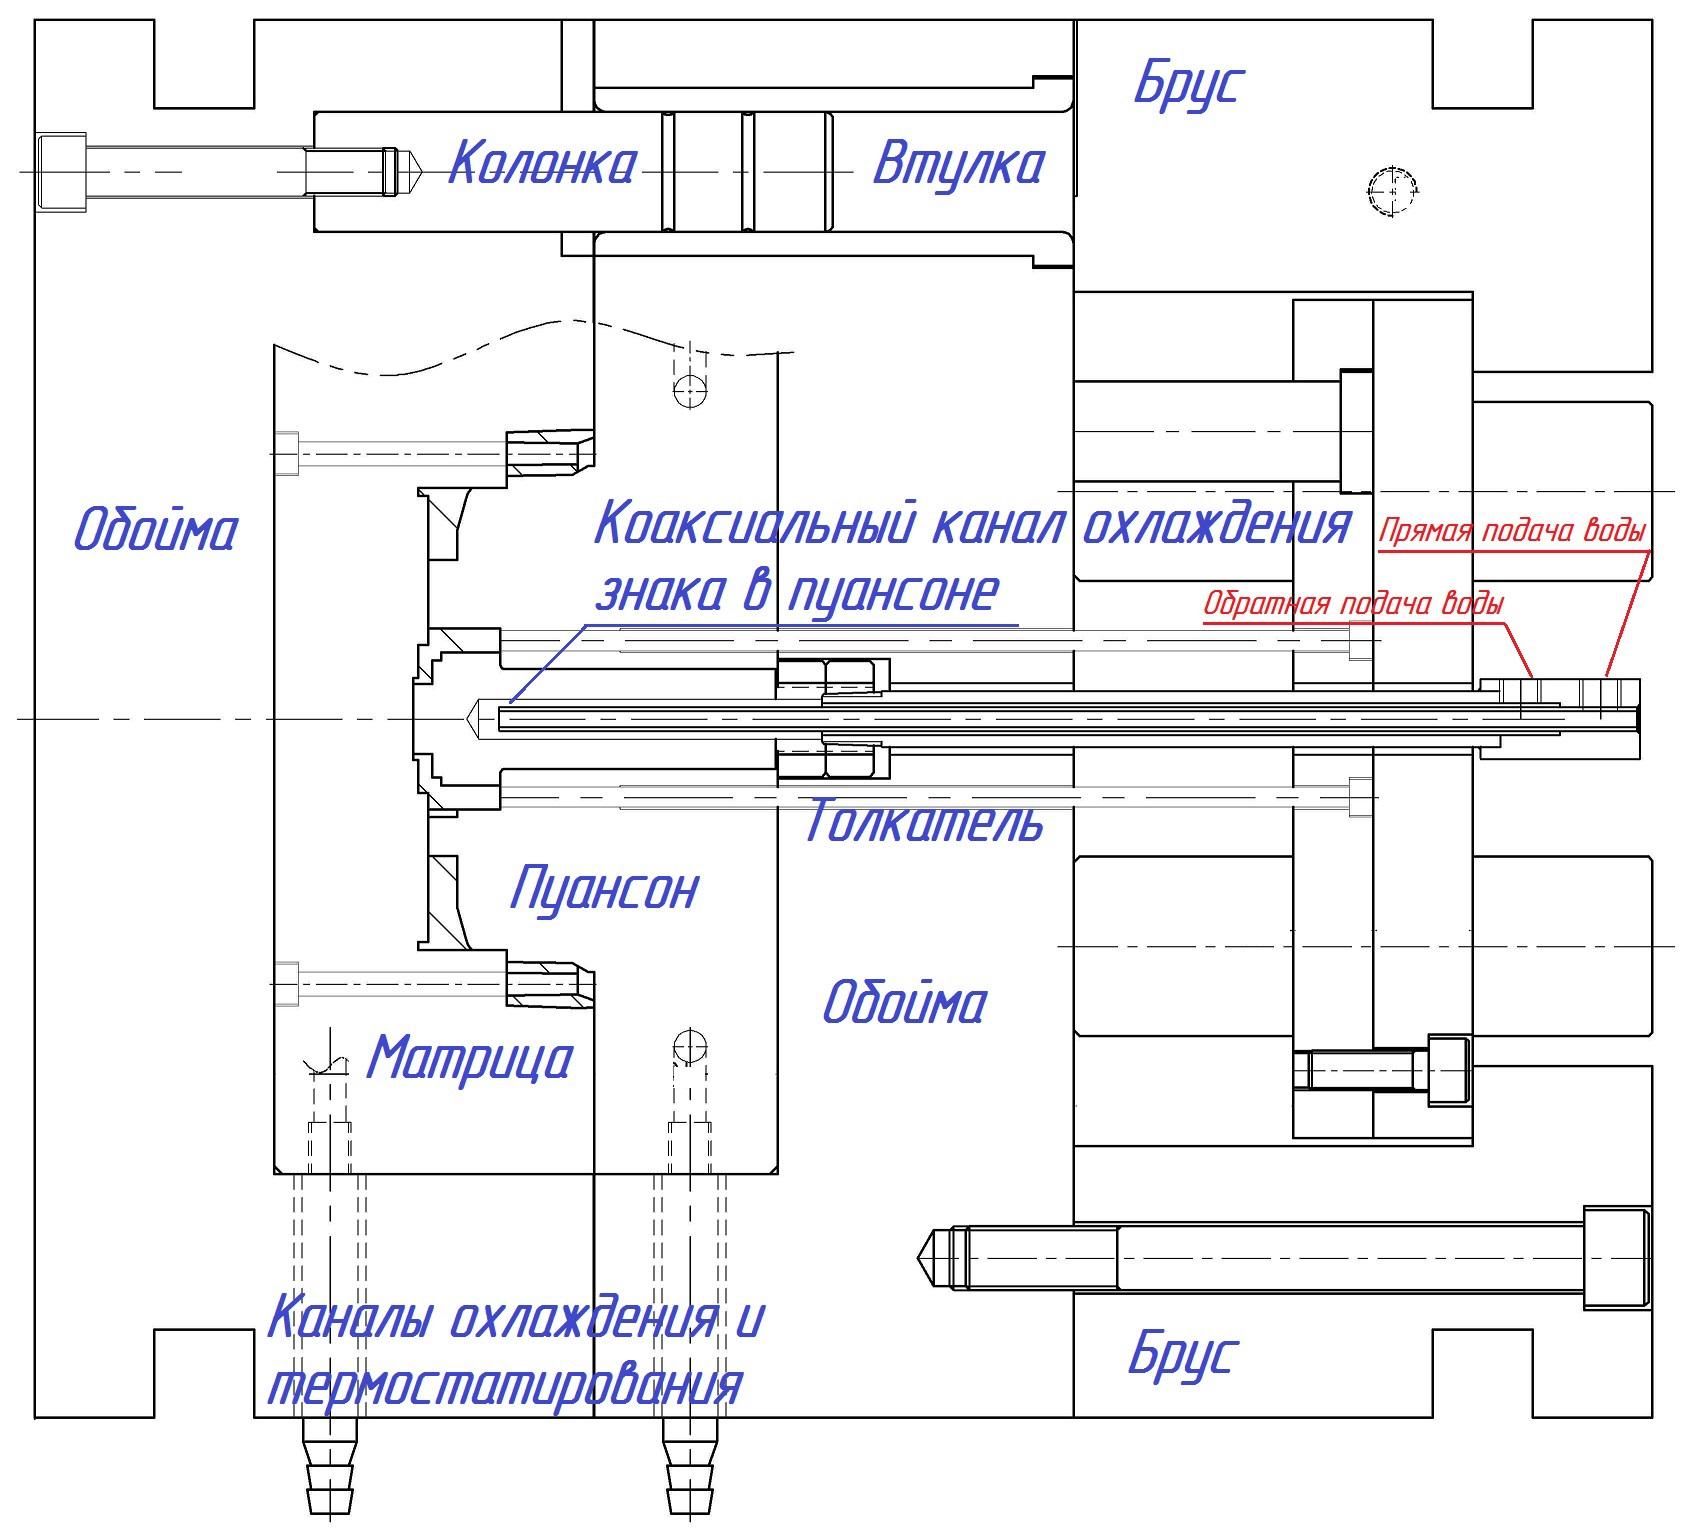 Конструкция пресс-формы Трейд-Лит Инжиниринг